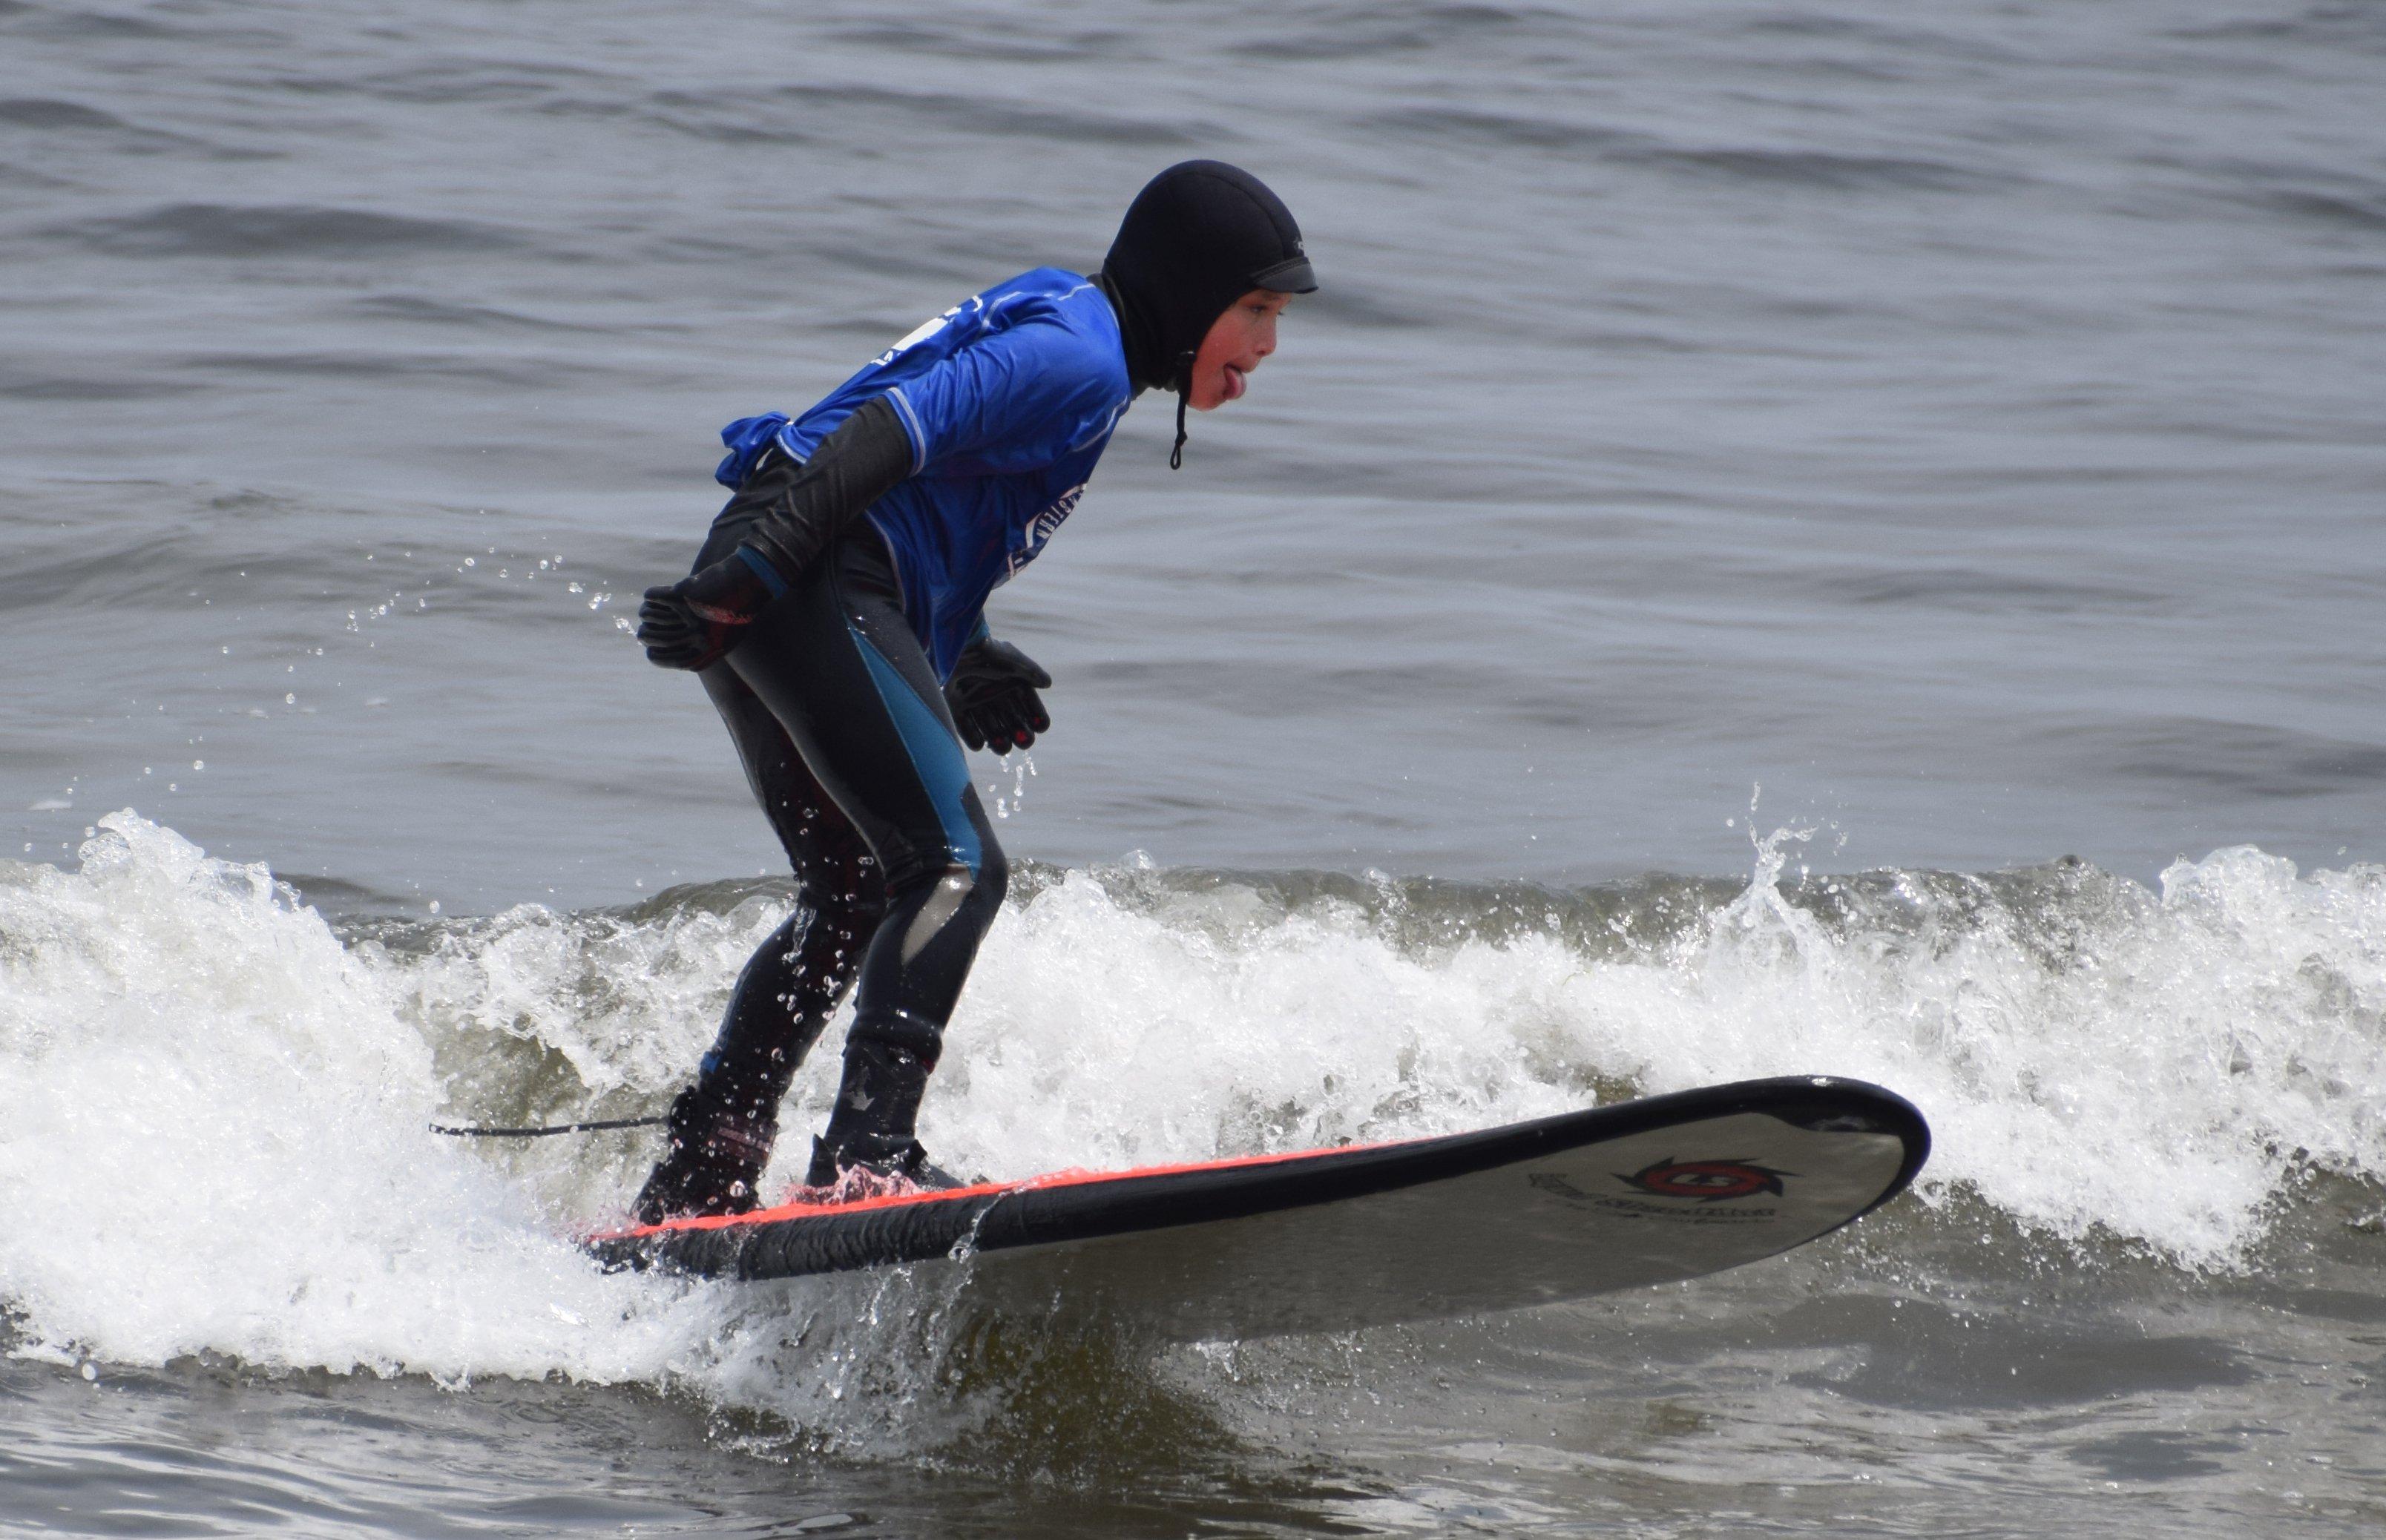 HD School Soft Surfboard Hybrids Softboards by Liquid Shredder